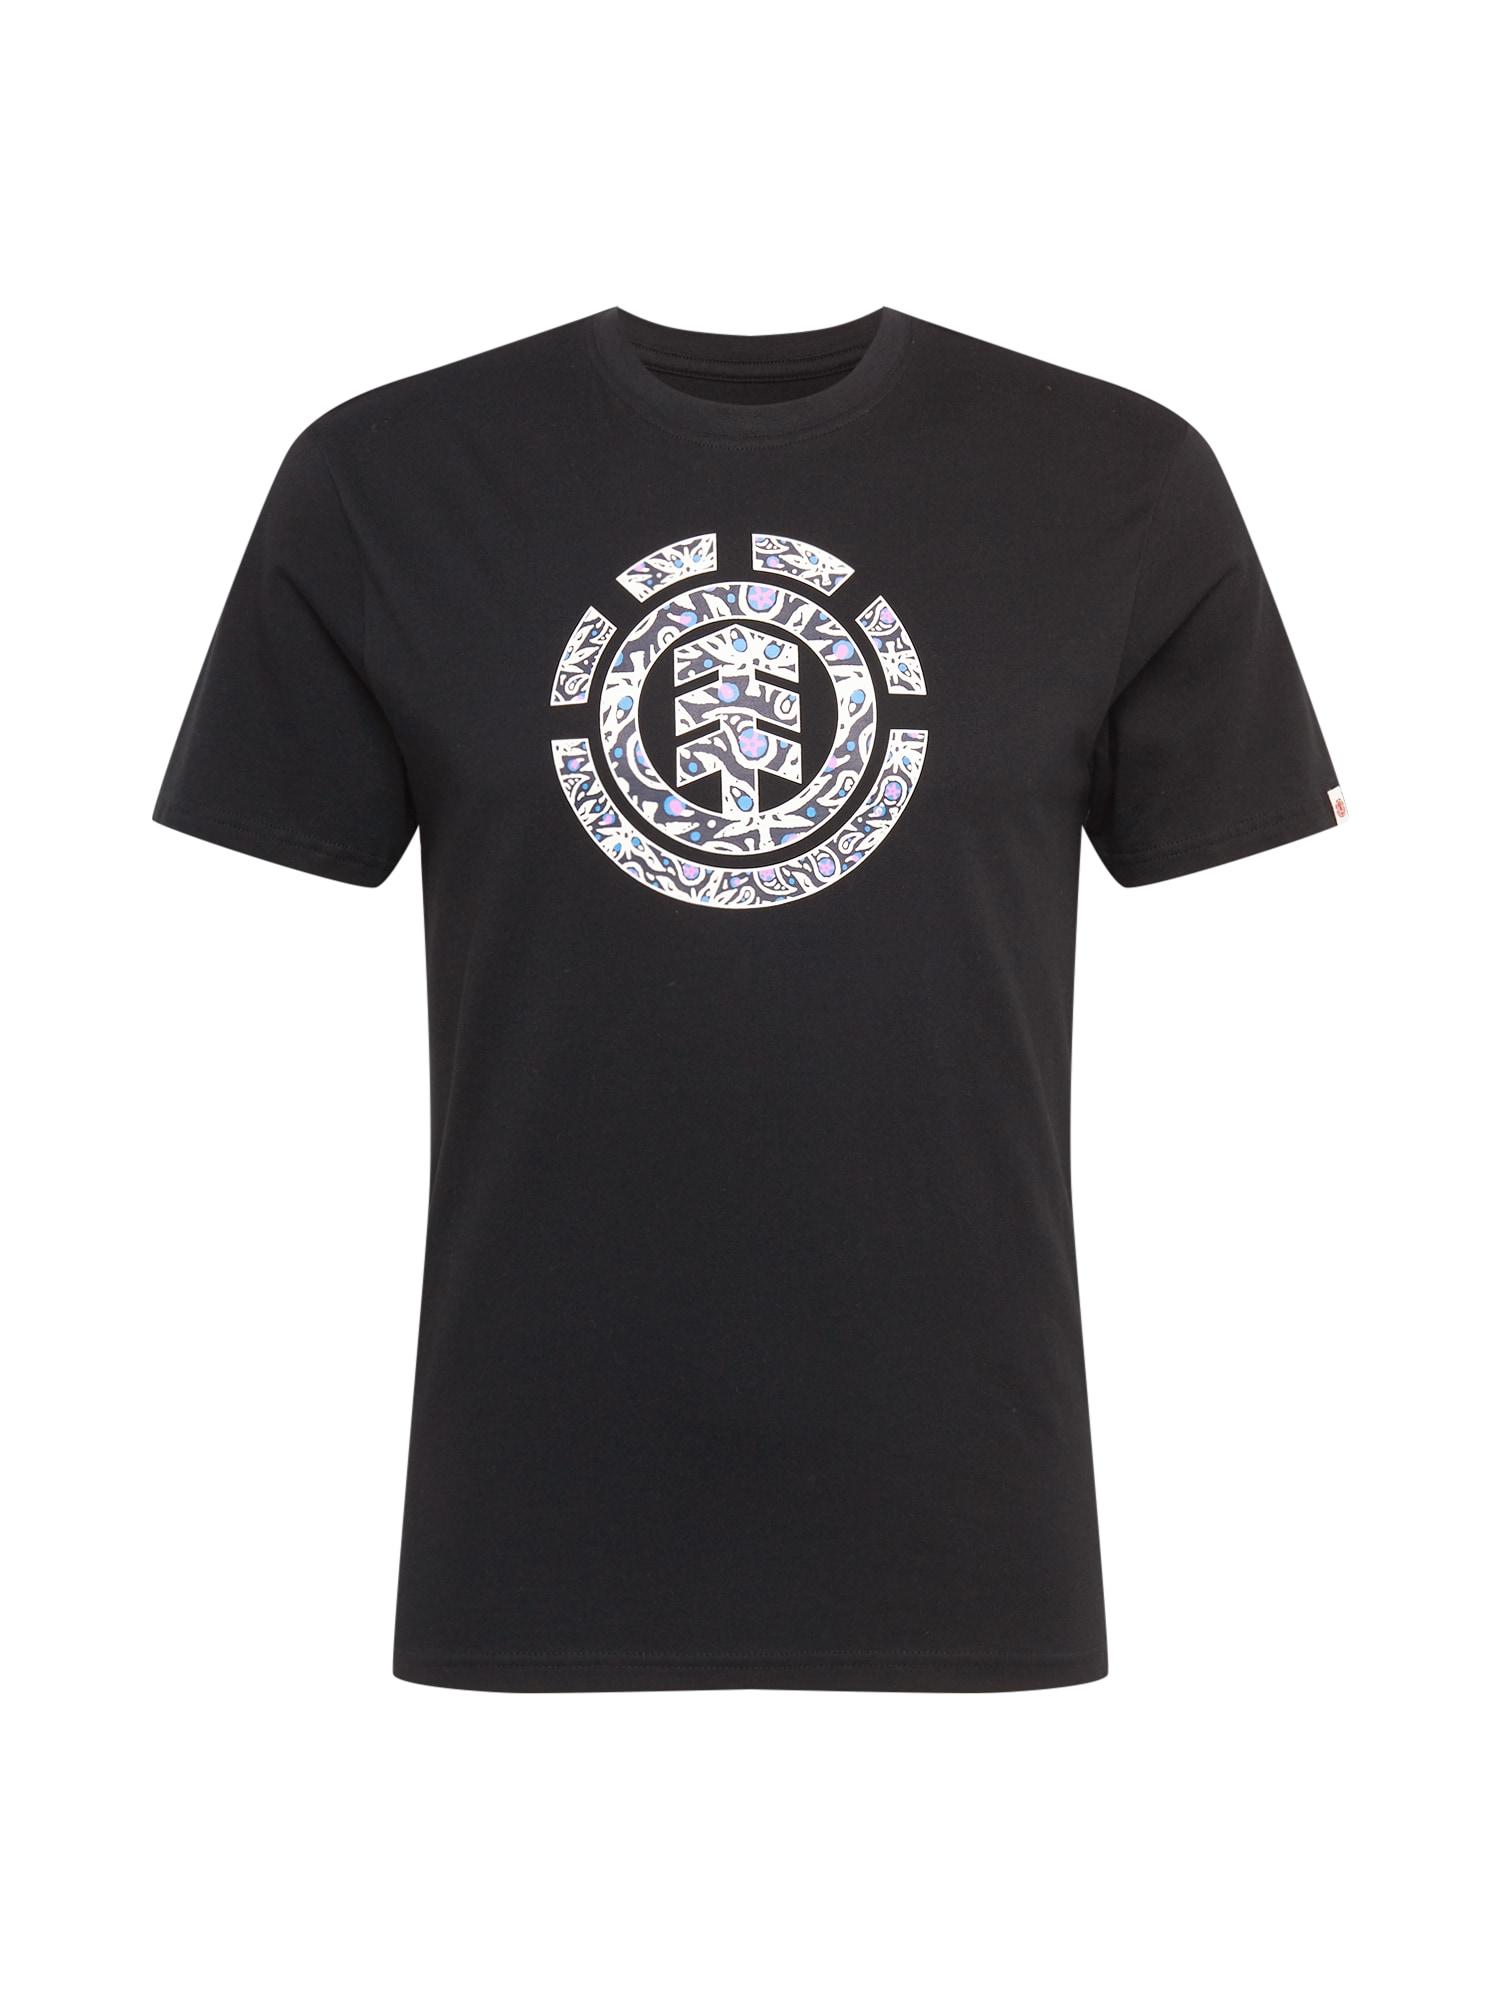 ELEMENT Marškinėliai juoda / balta / turkio spalva / alyvinė spalva